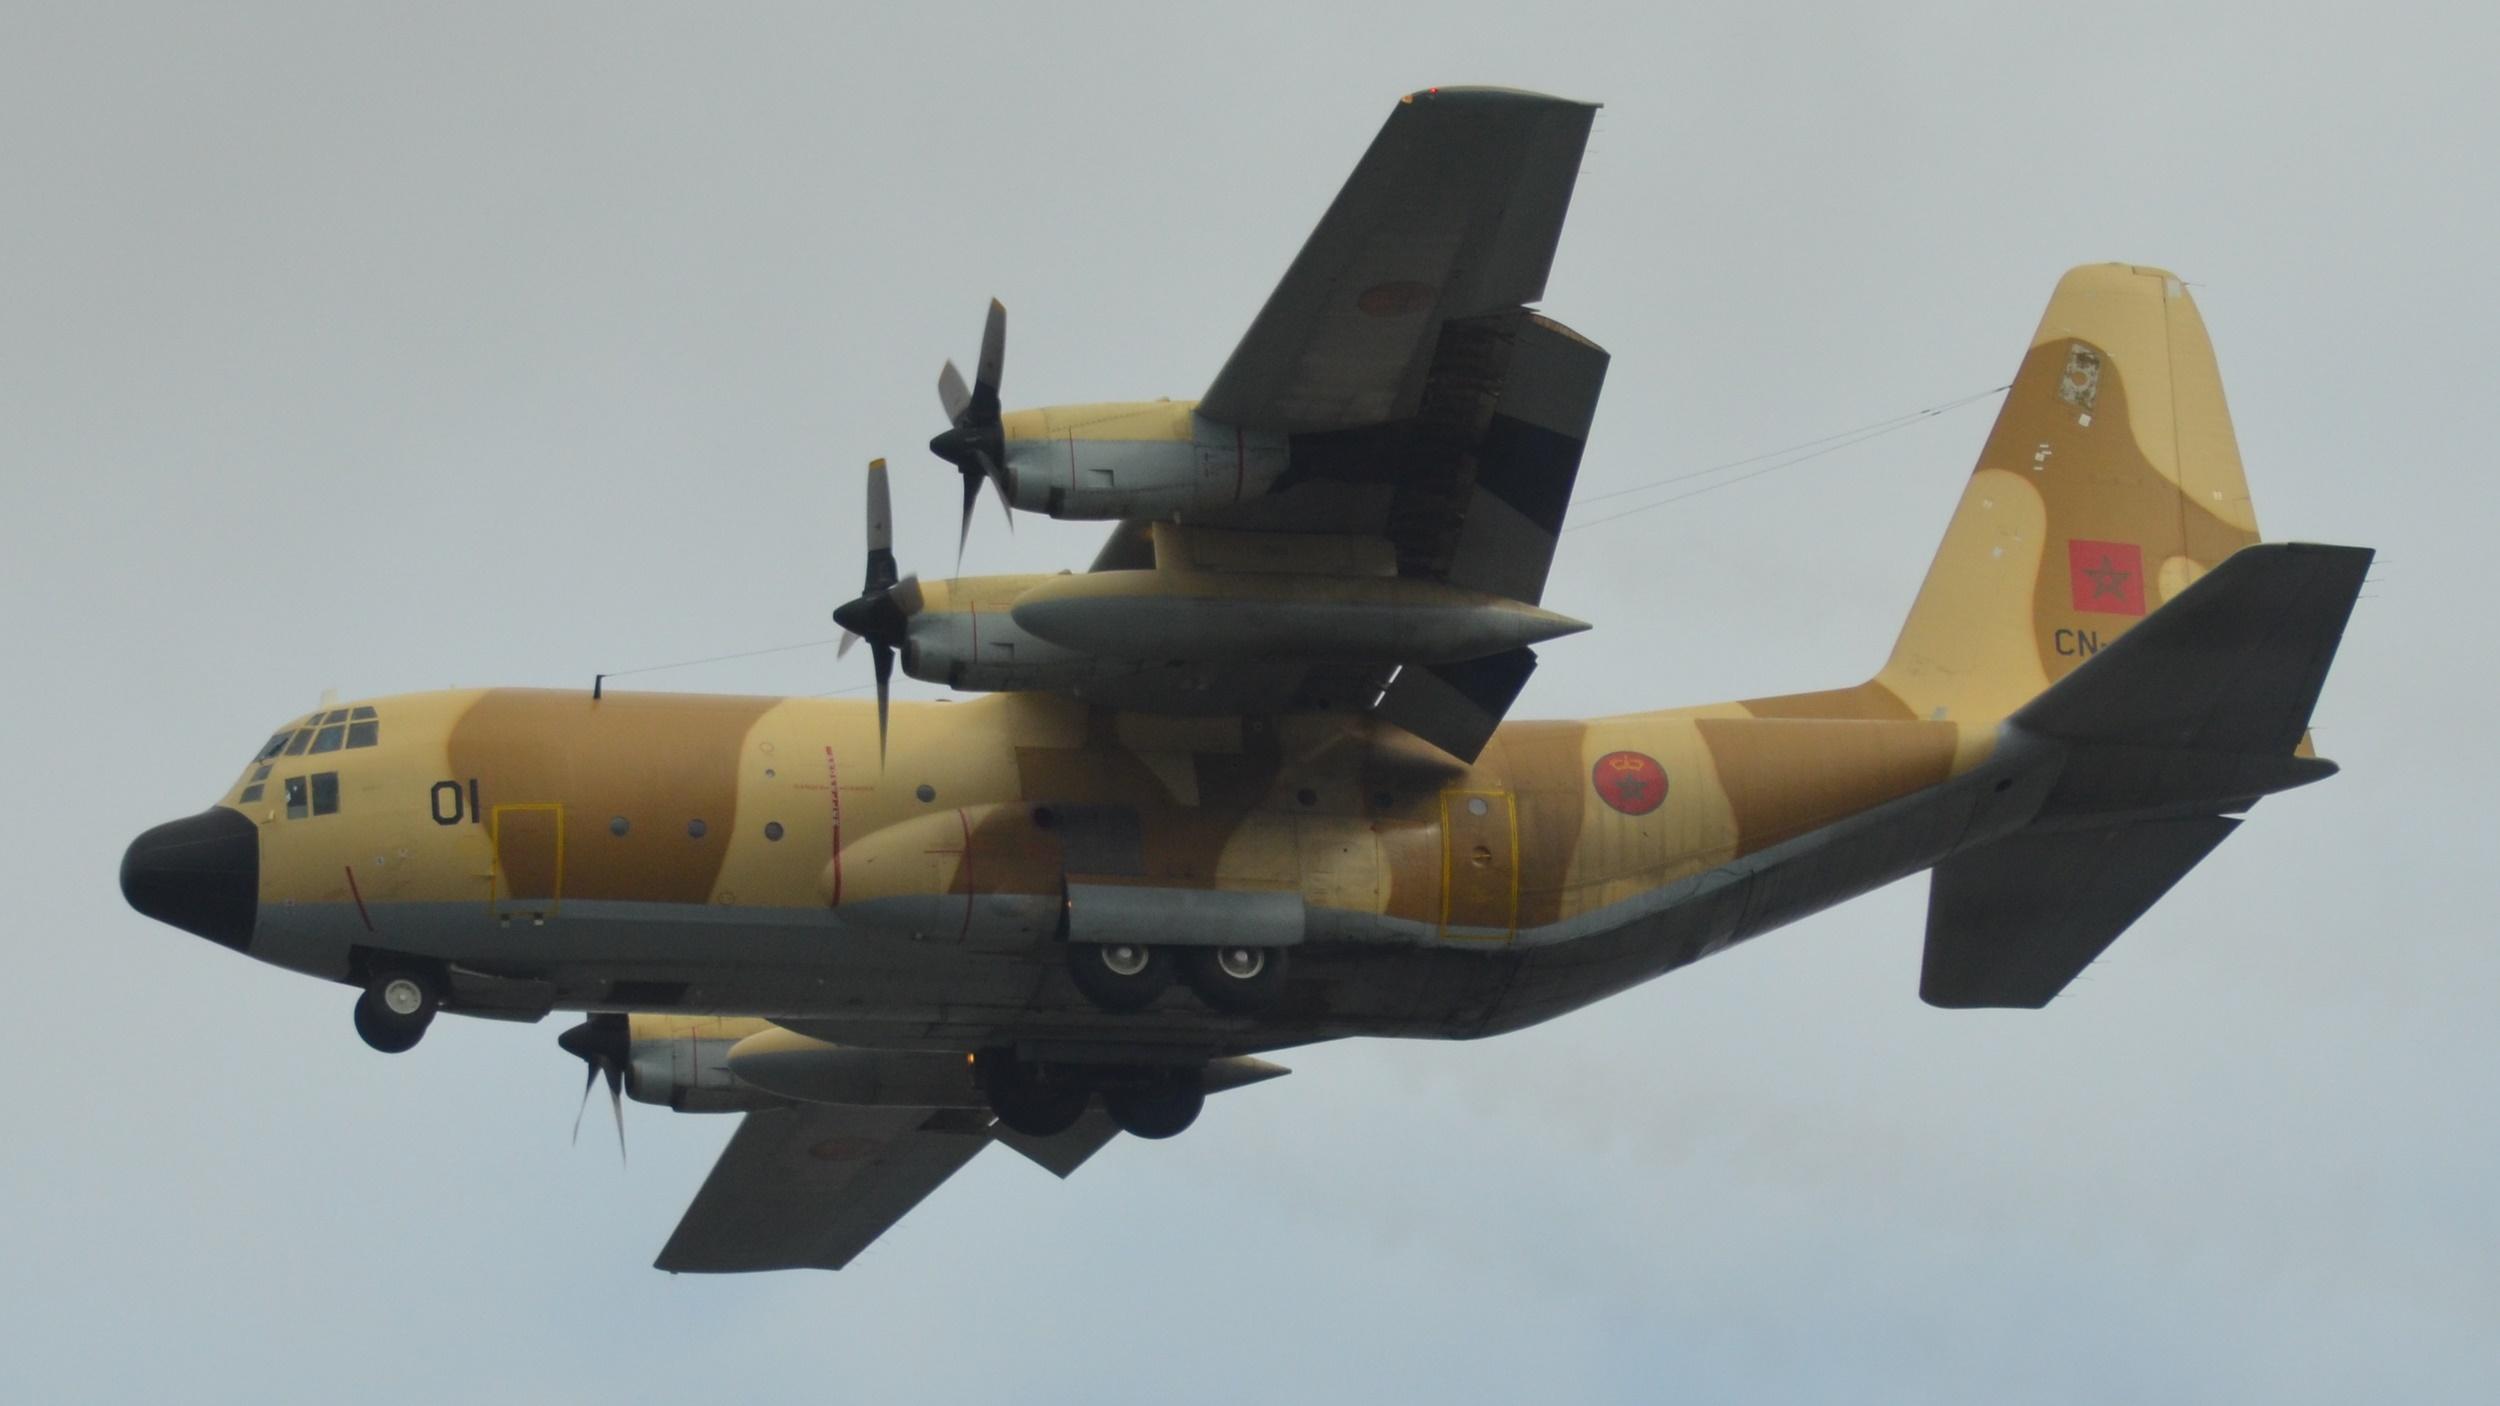 FRA: Photos d'avions de transport - Page 37 40514030433_27f130ce56_o